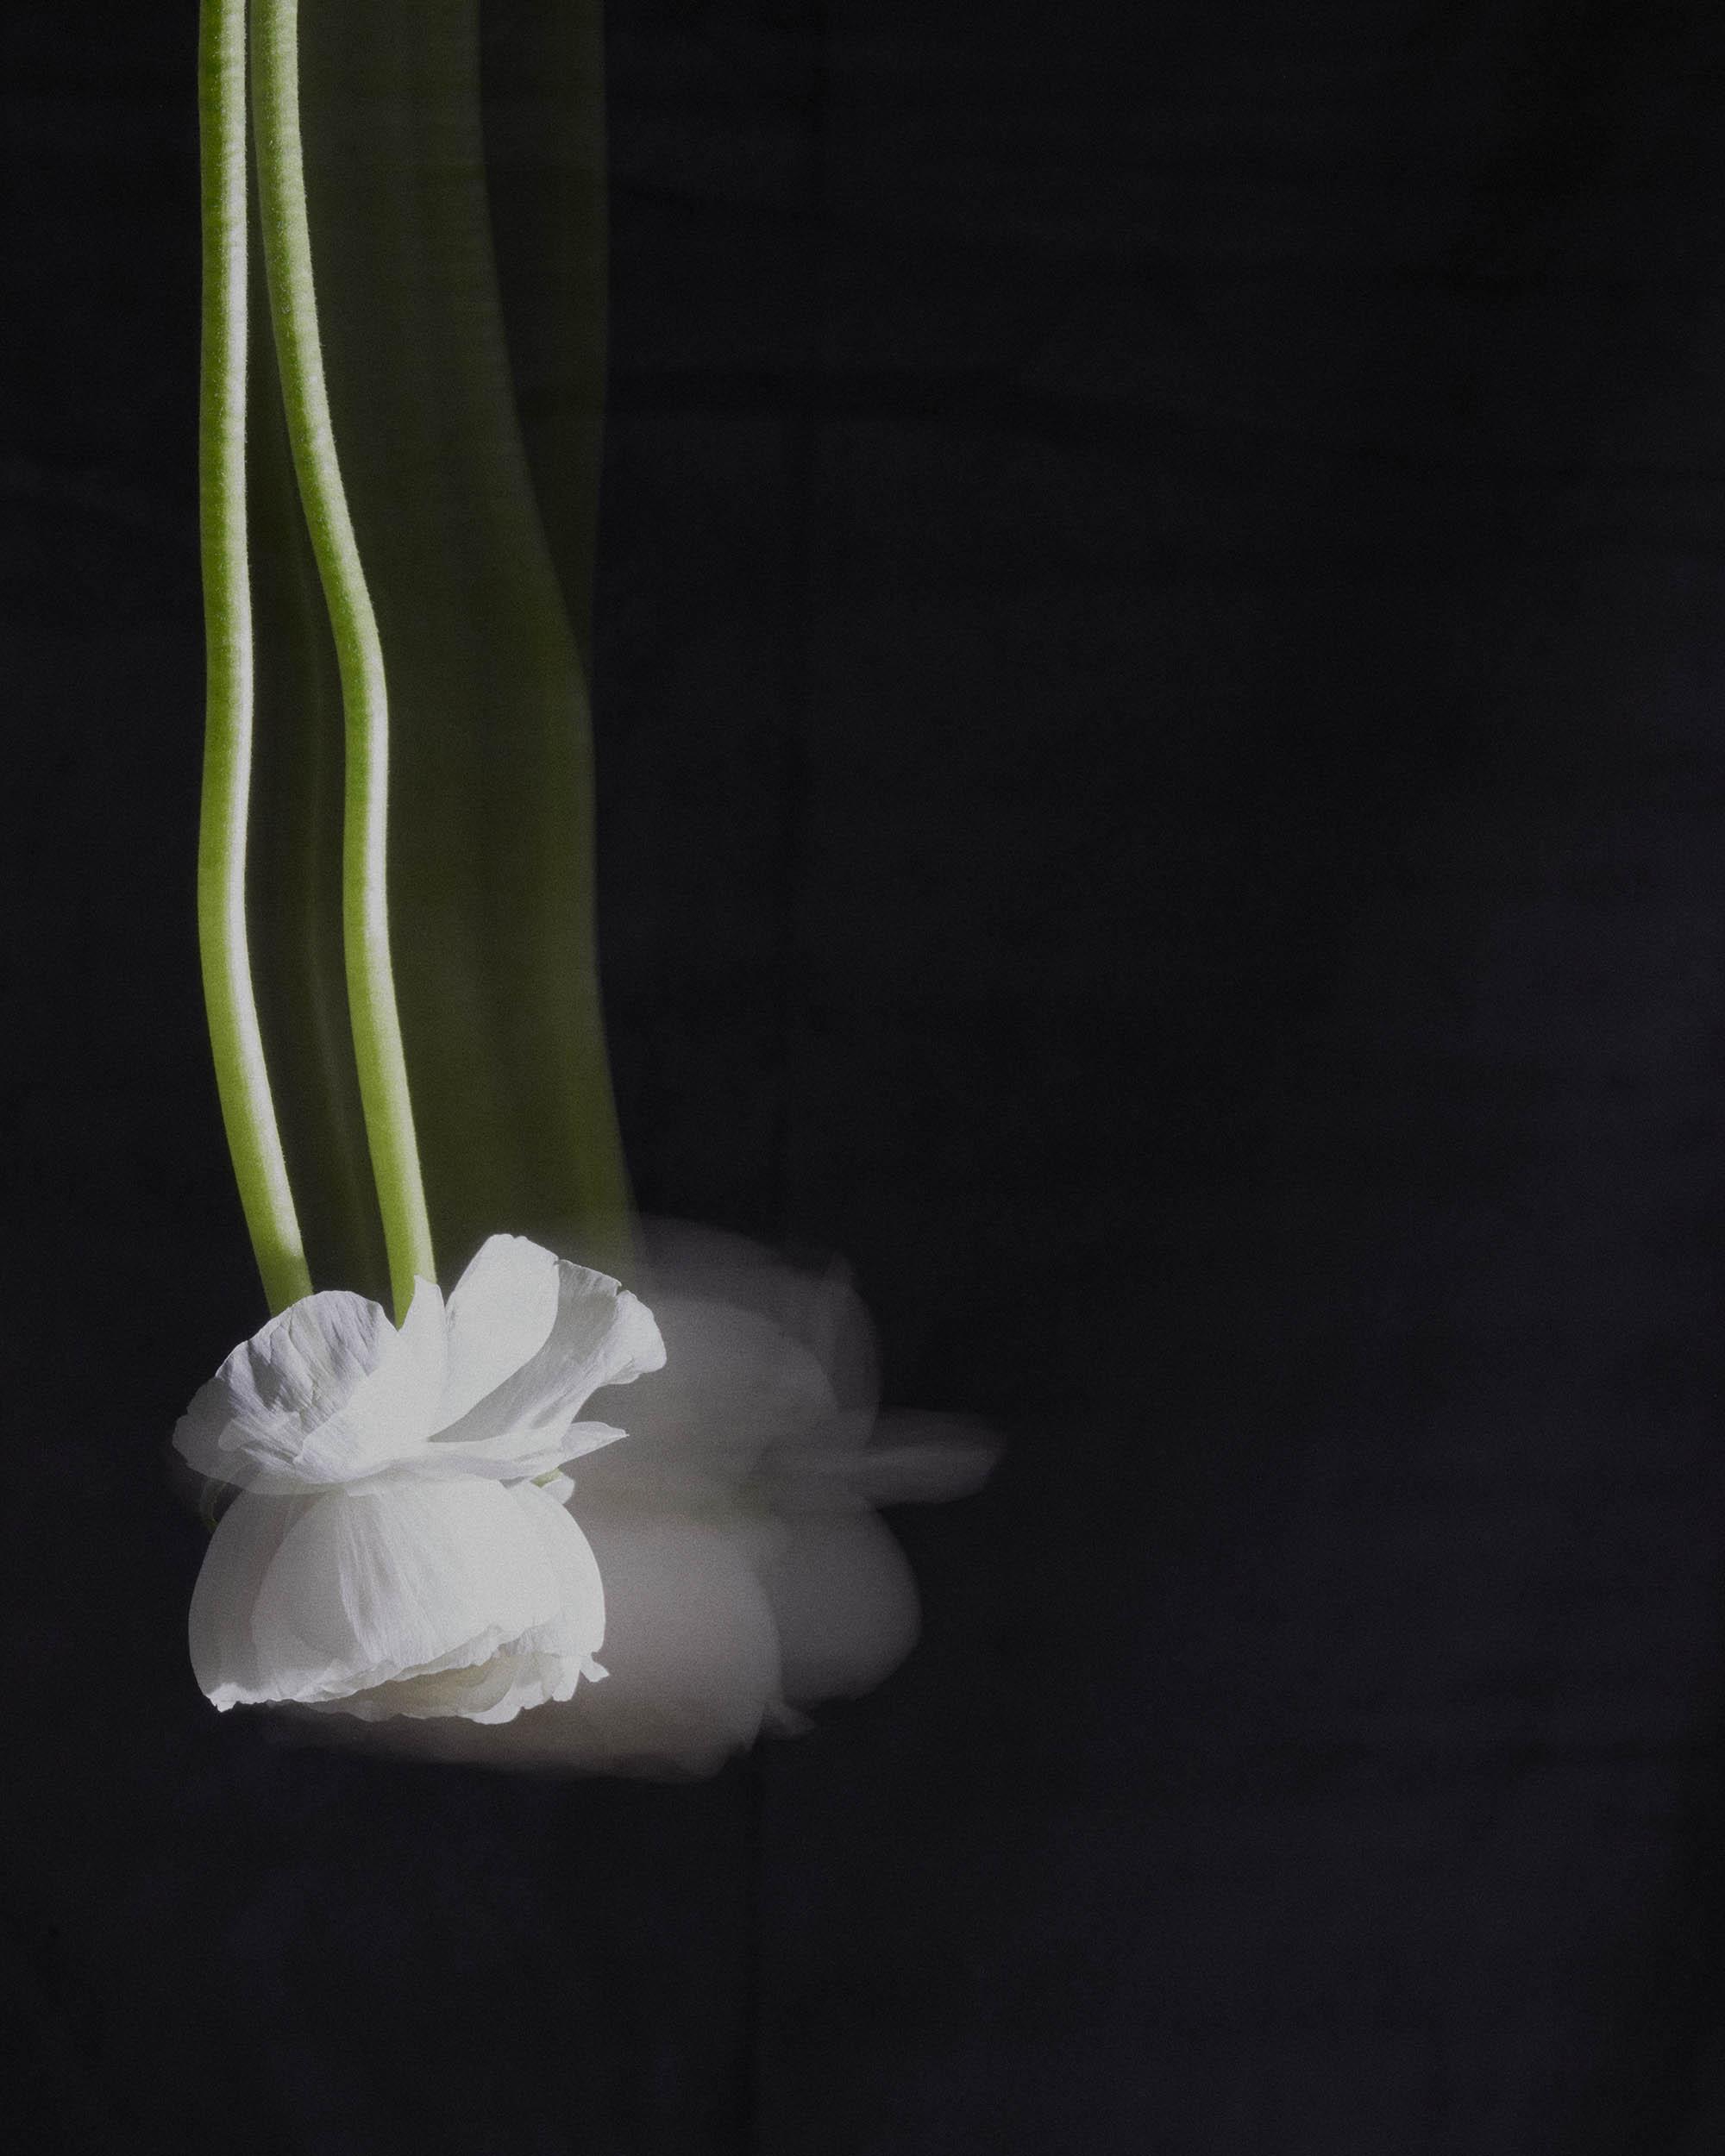 white flower_10x8_flat.jpg